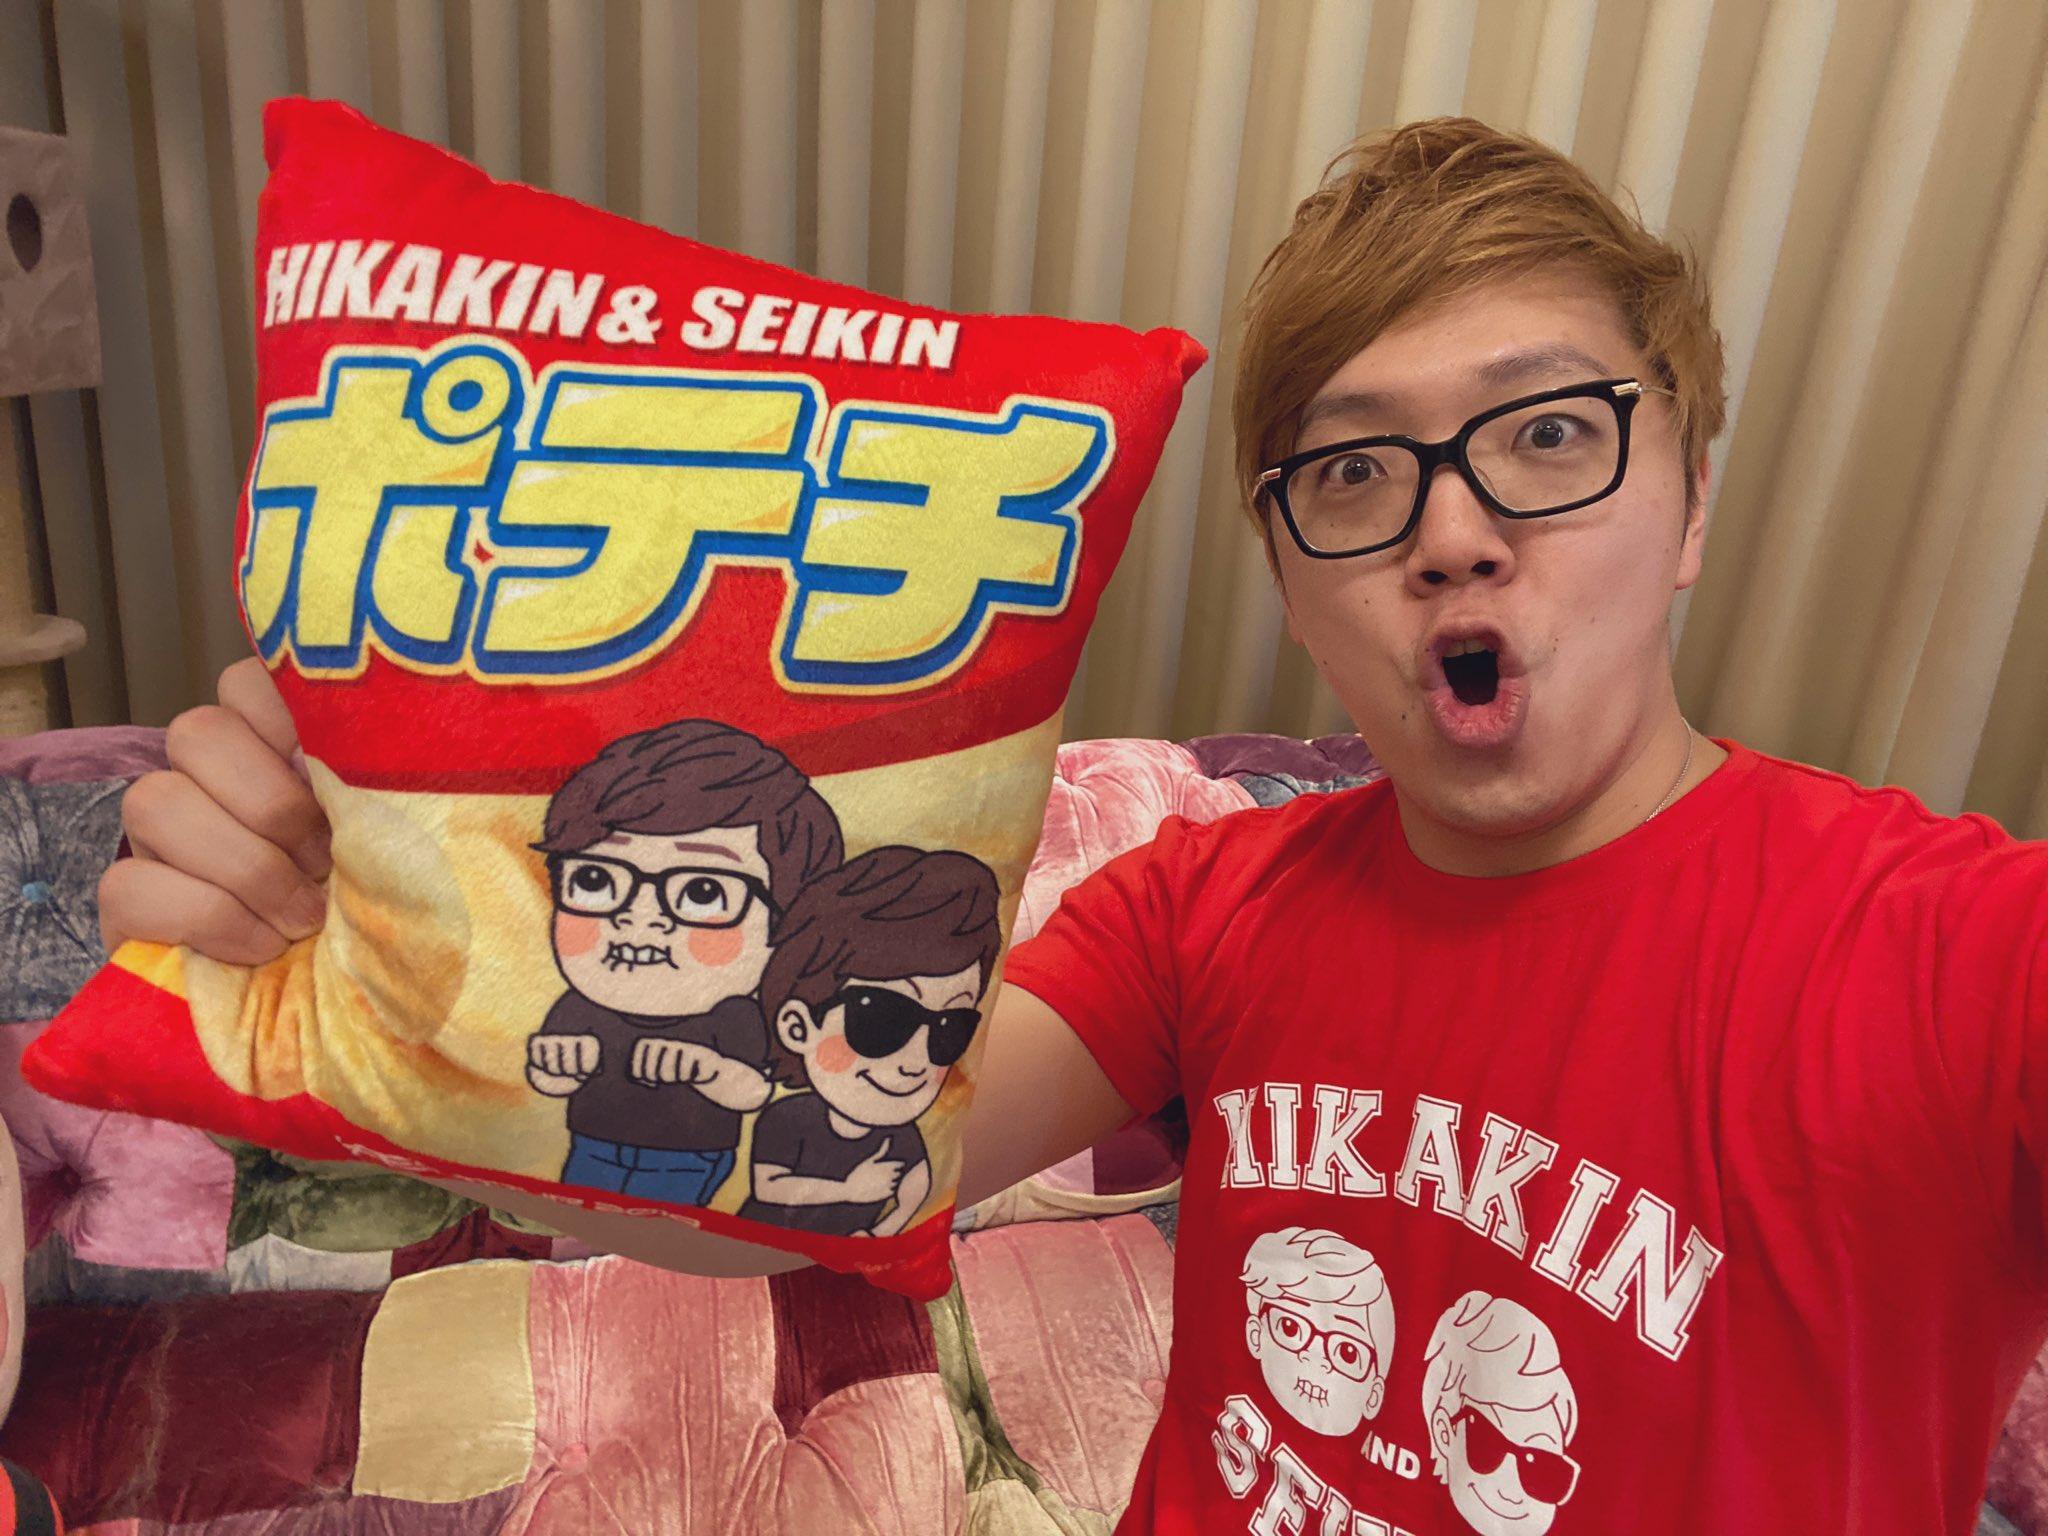 Hikakin ヒカキン Youtuber On Twitter ローソンにて2月4日 火